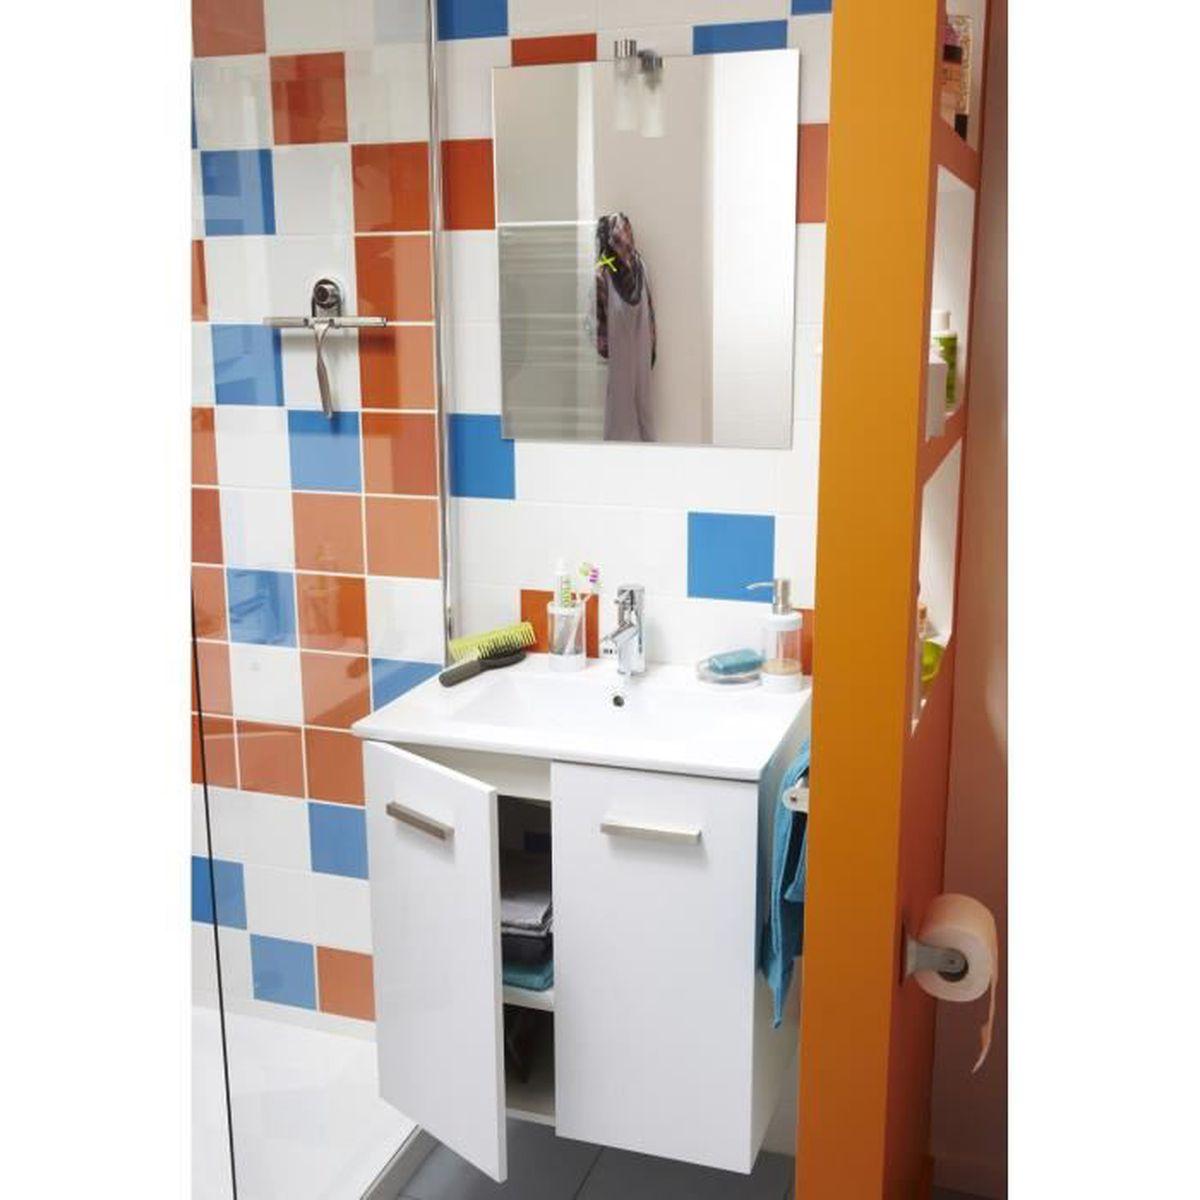 Meuble Vasque Leroy Merlin meuble sous vasque dado avec miroir intÉgrÉ - achat / vente